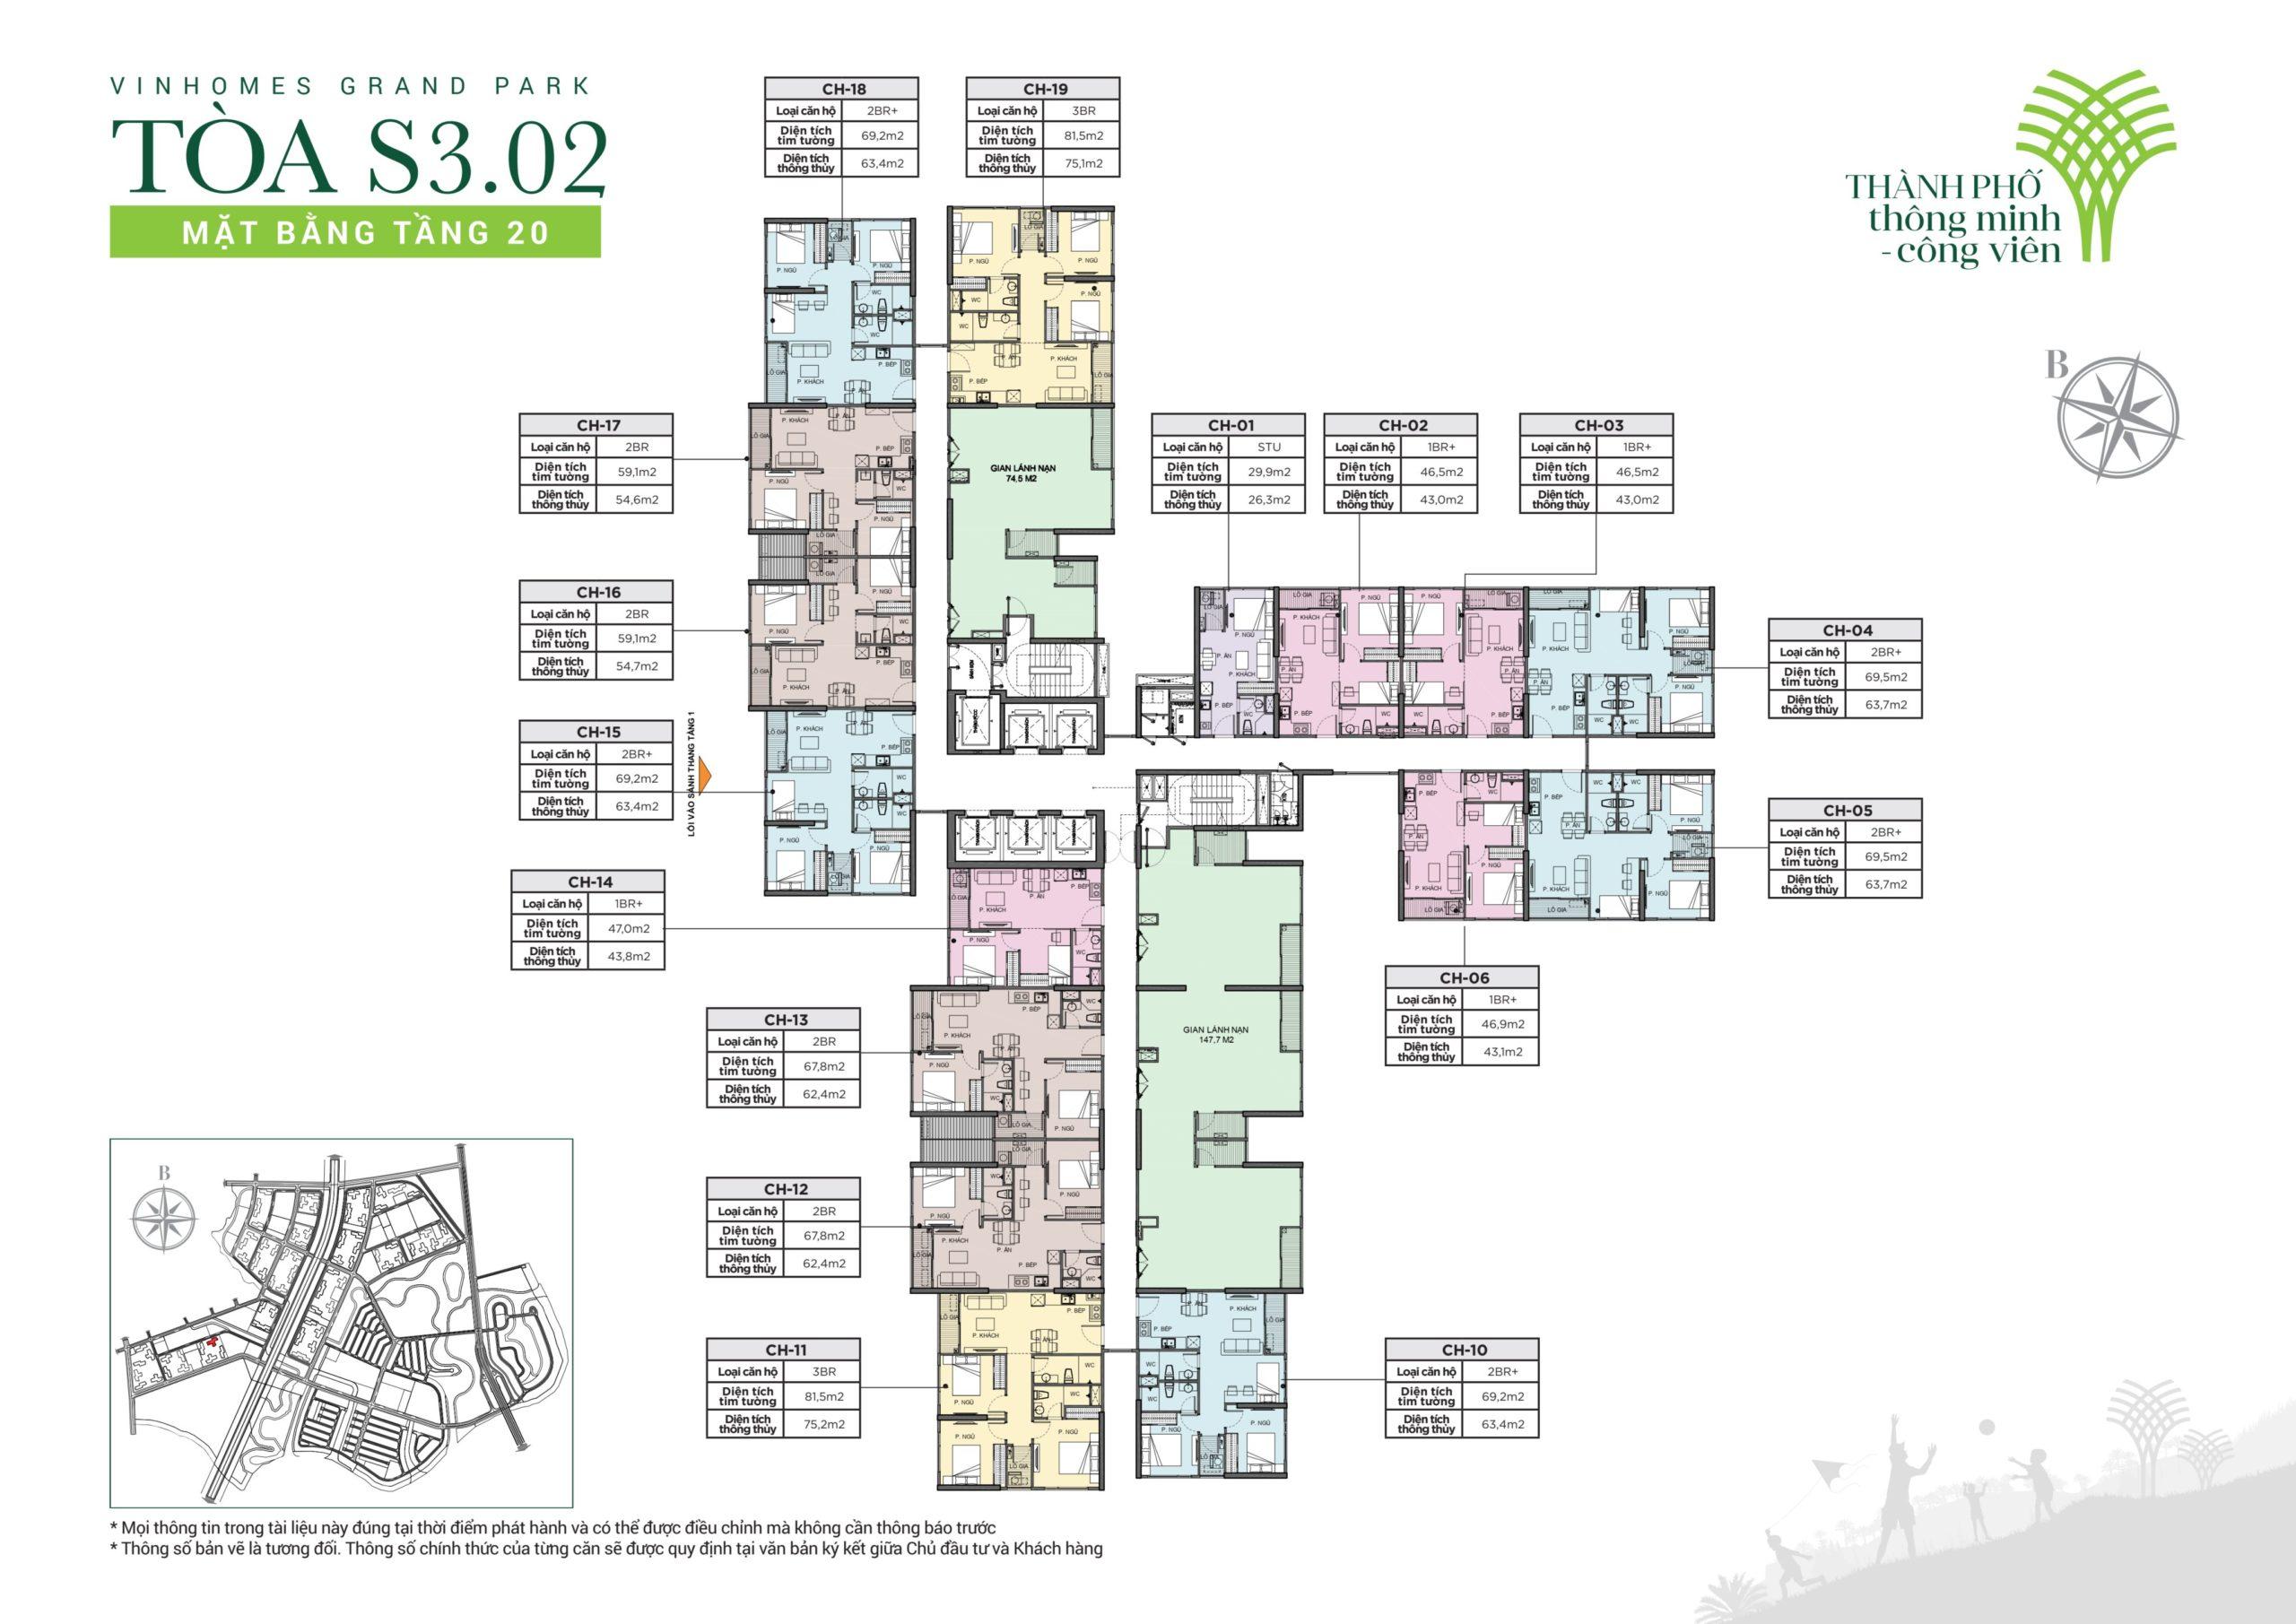 Mặt bằng căn hộ tòa S302 Vinhomes Grand Park